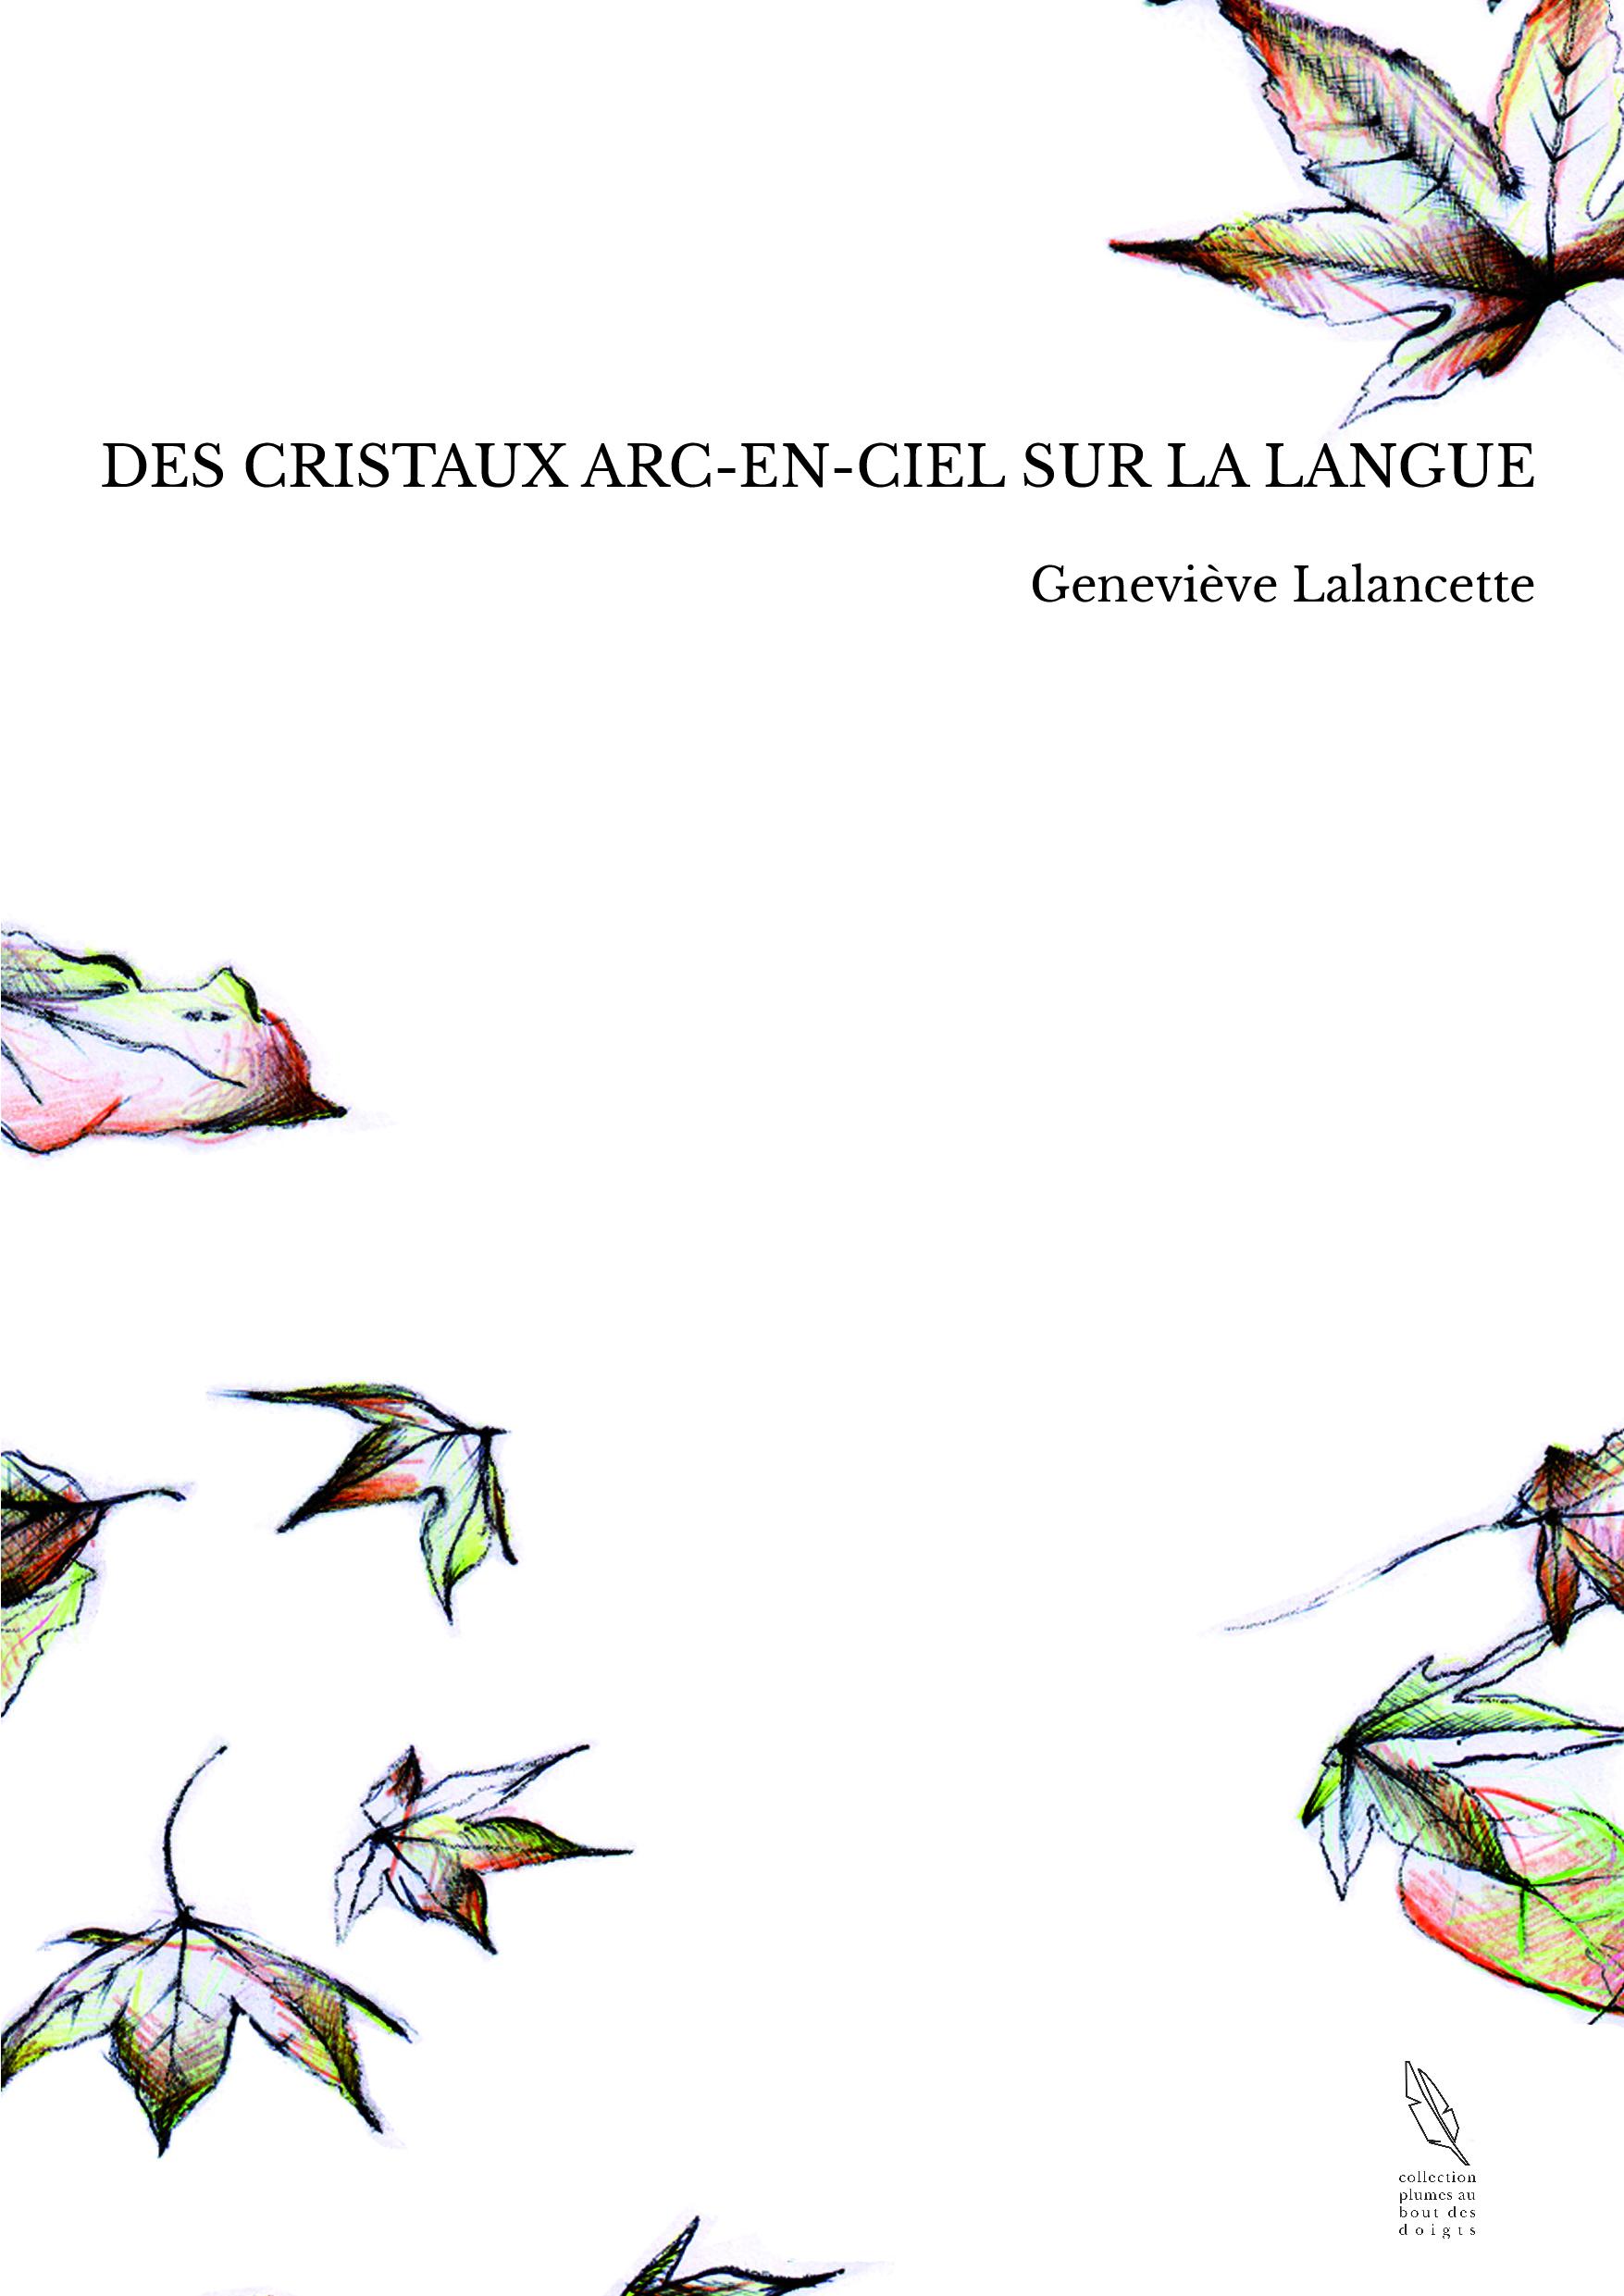 DES CRISTAUX ARC-EN-CIEL SUR LA LANGUE